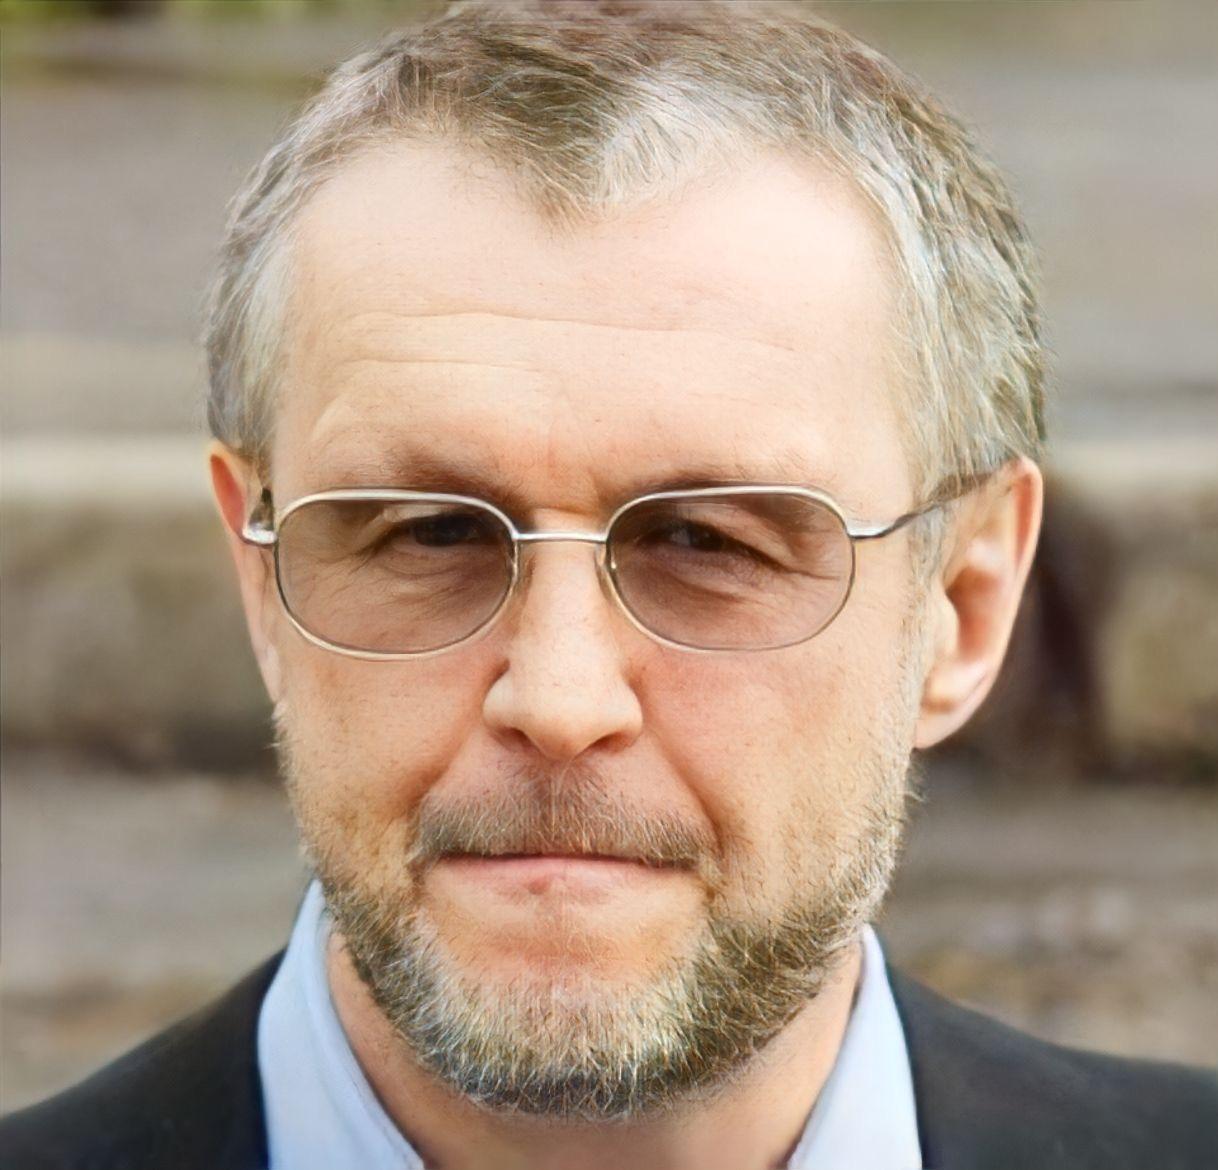 Иваньков, Вячеслав Кириллович — Википедия